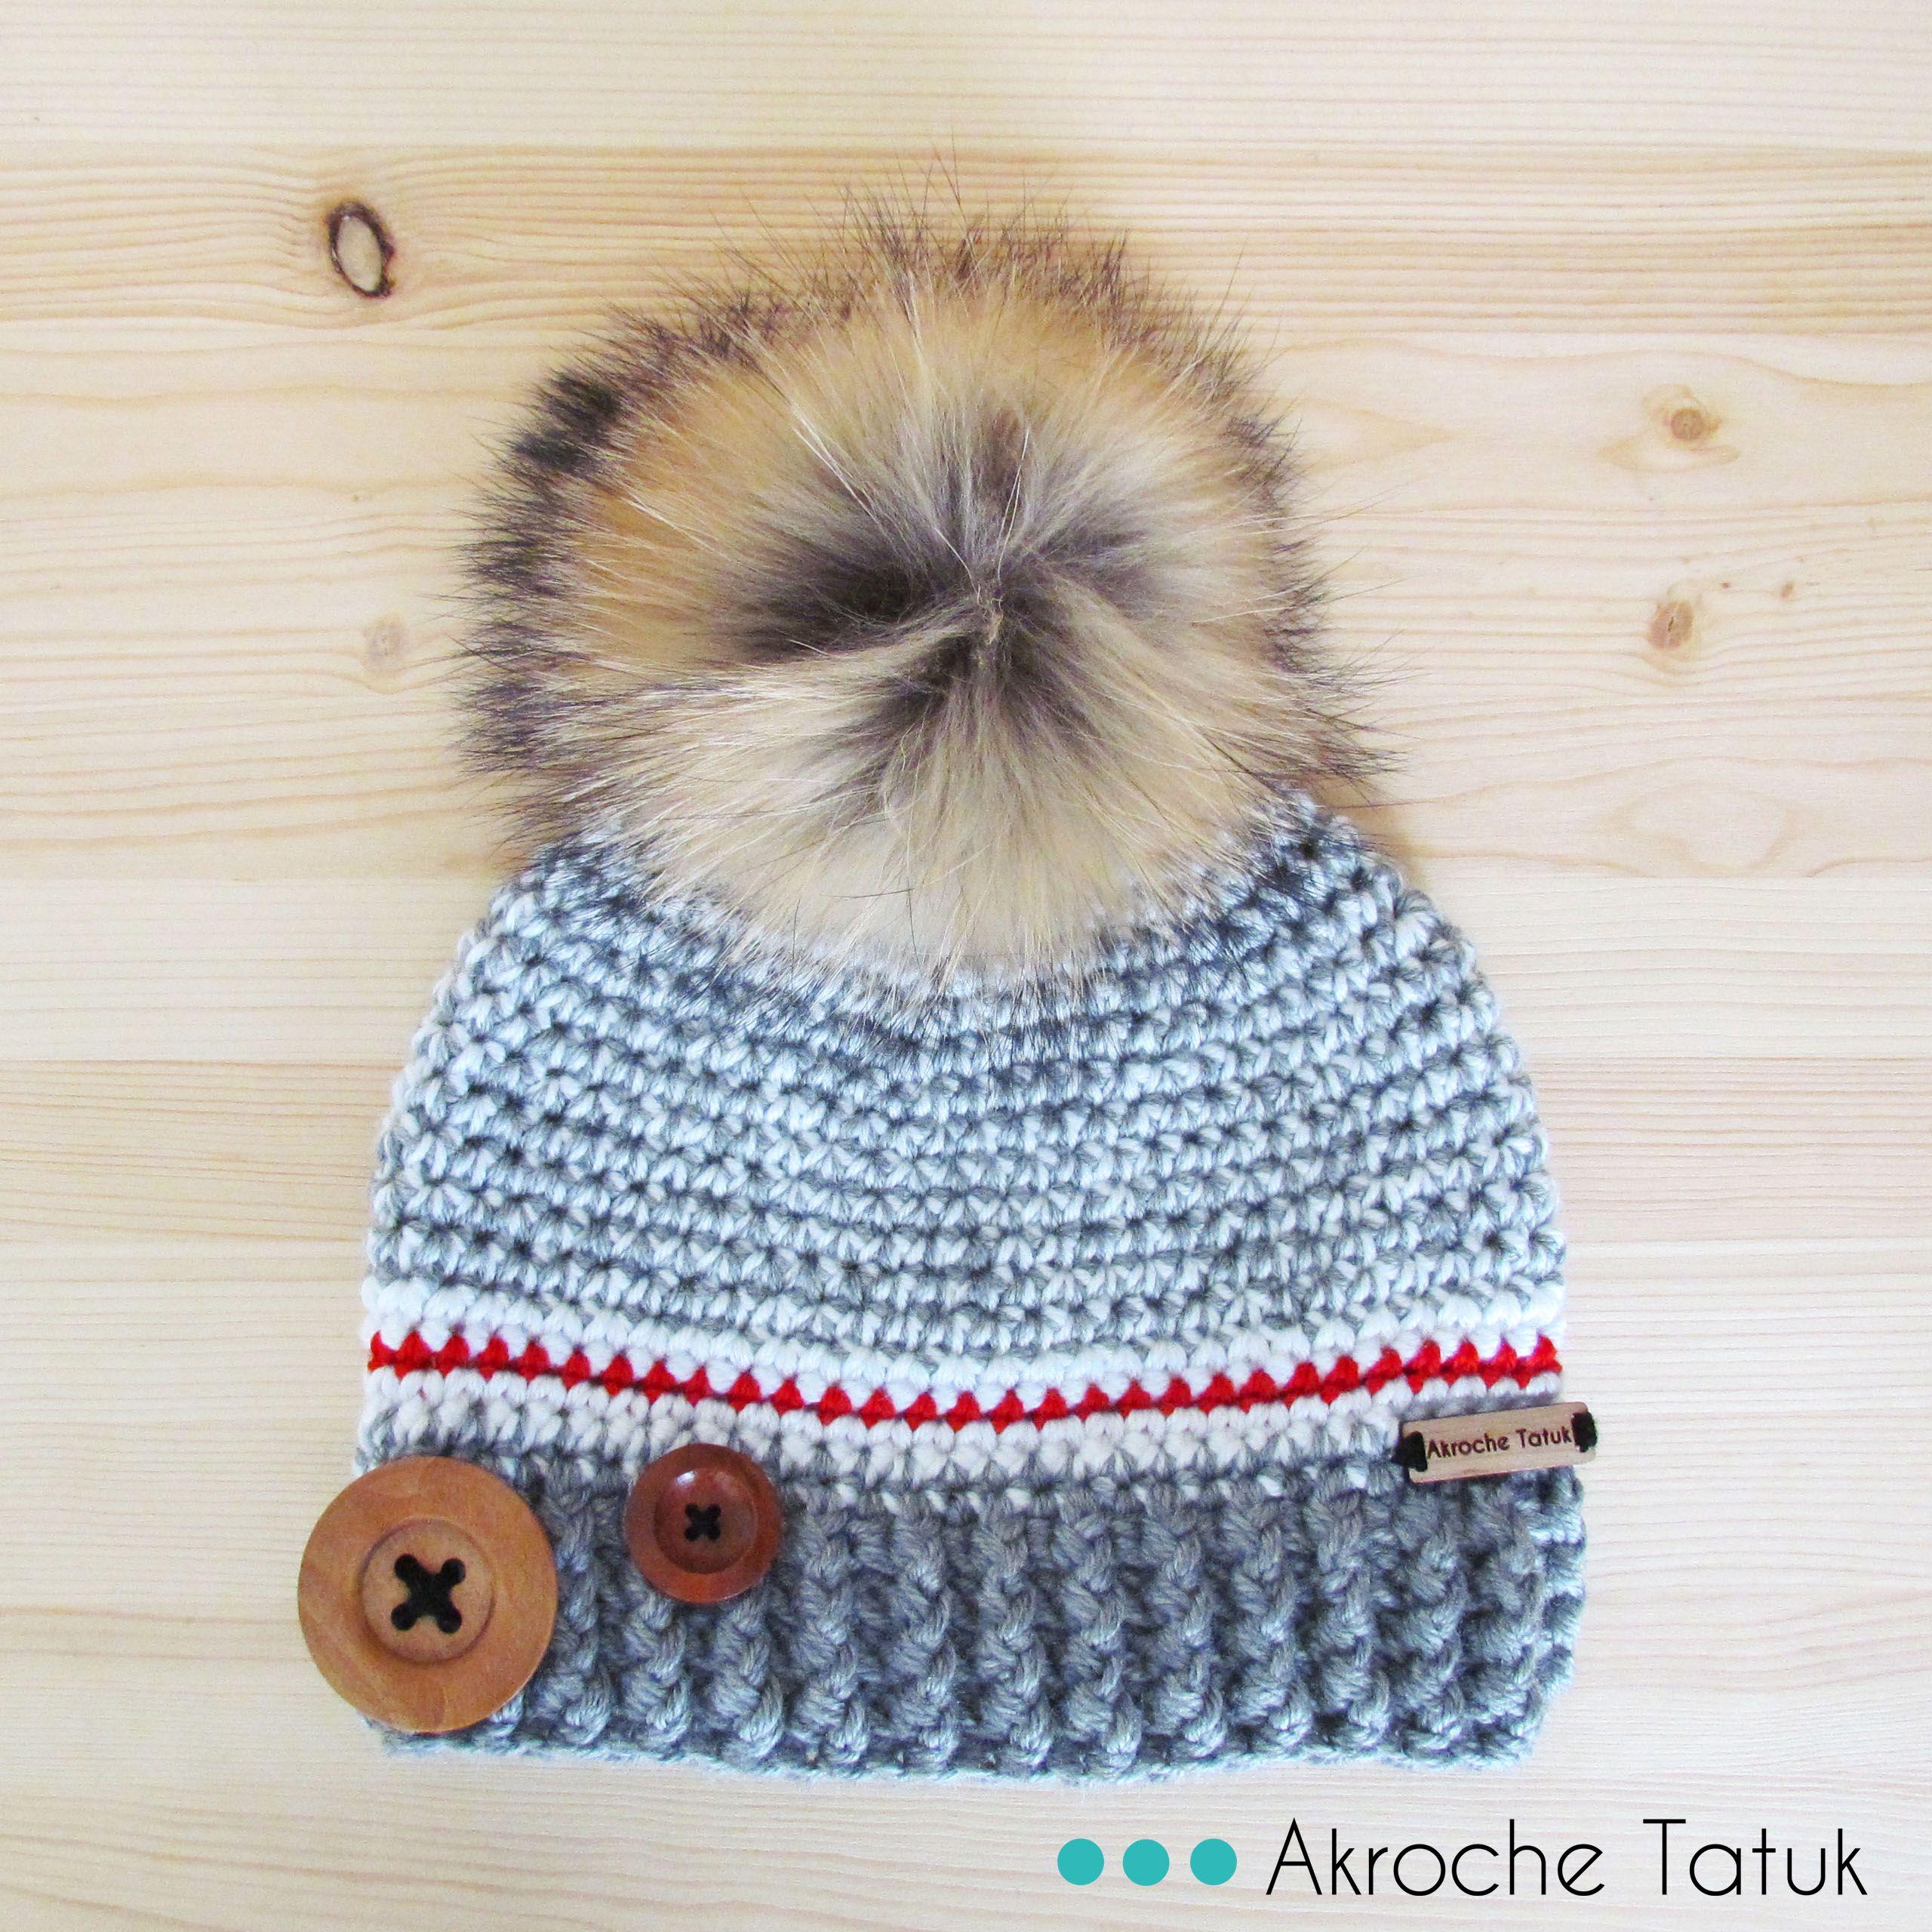 Rustik Kit / Kit Rustik pattern by Akroche Tatuk | La niña